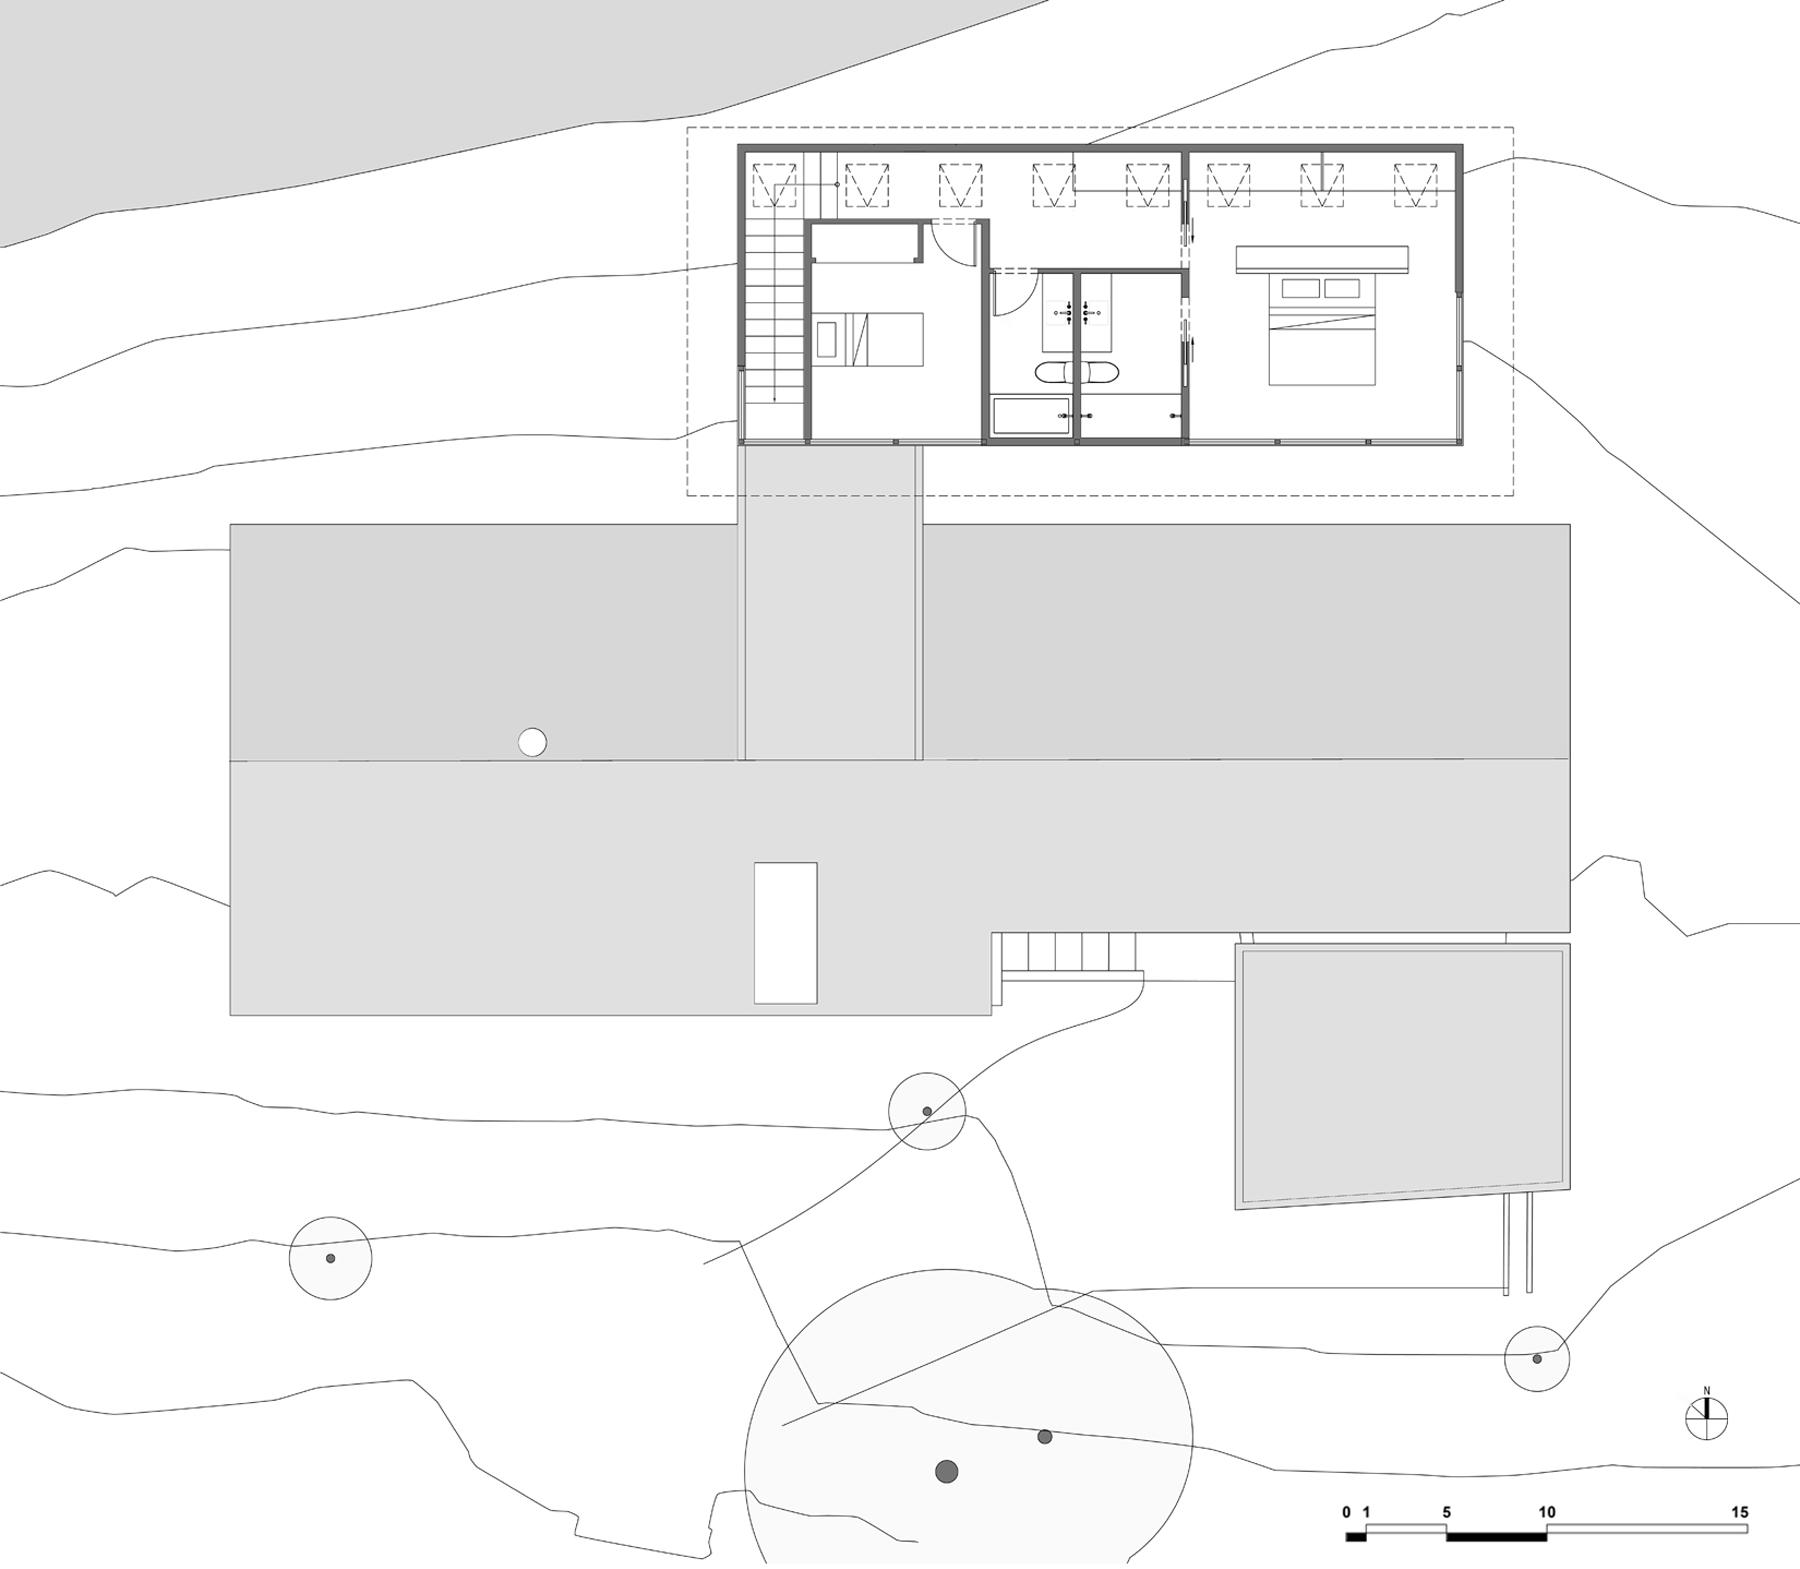 Upper-floor_no.png